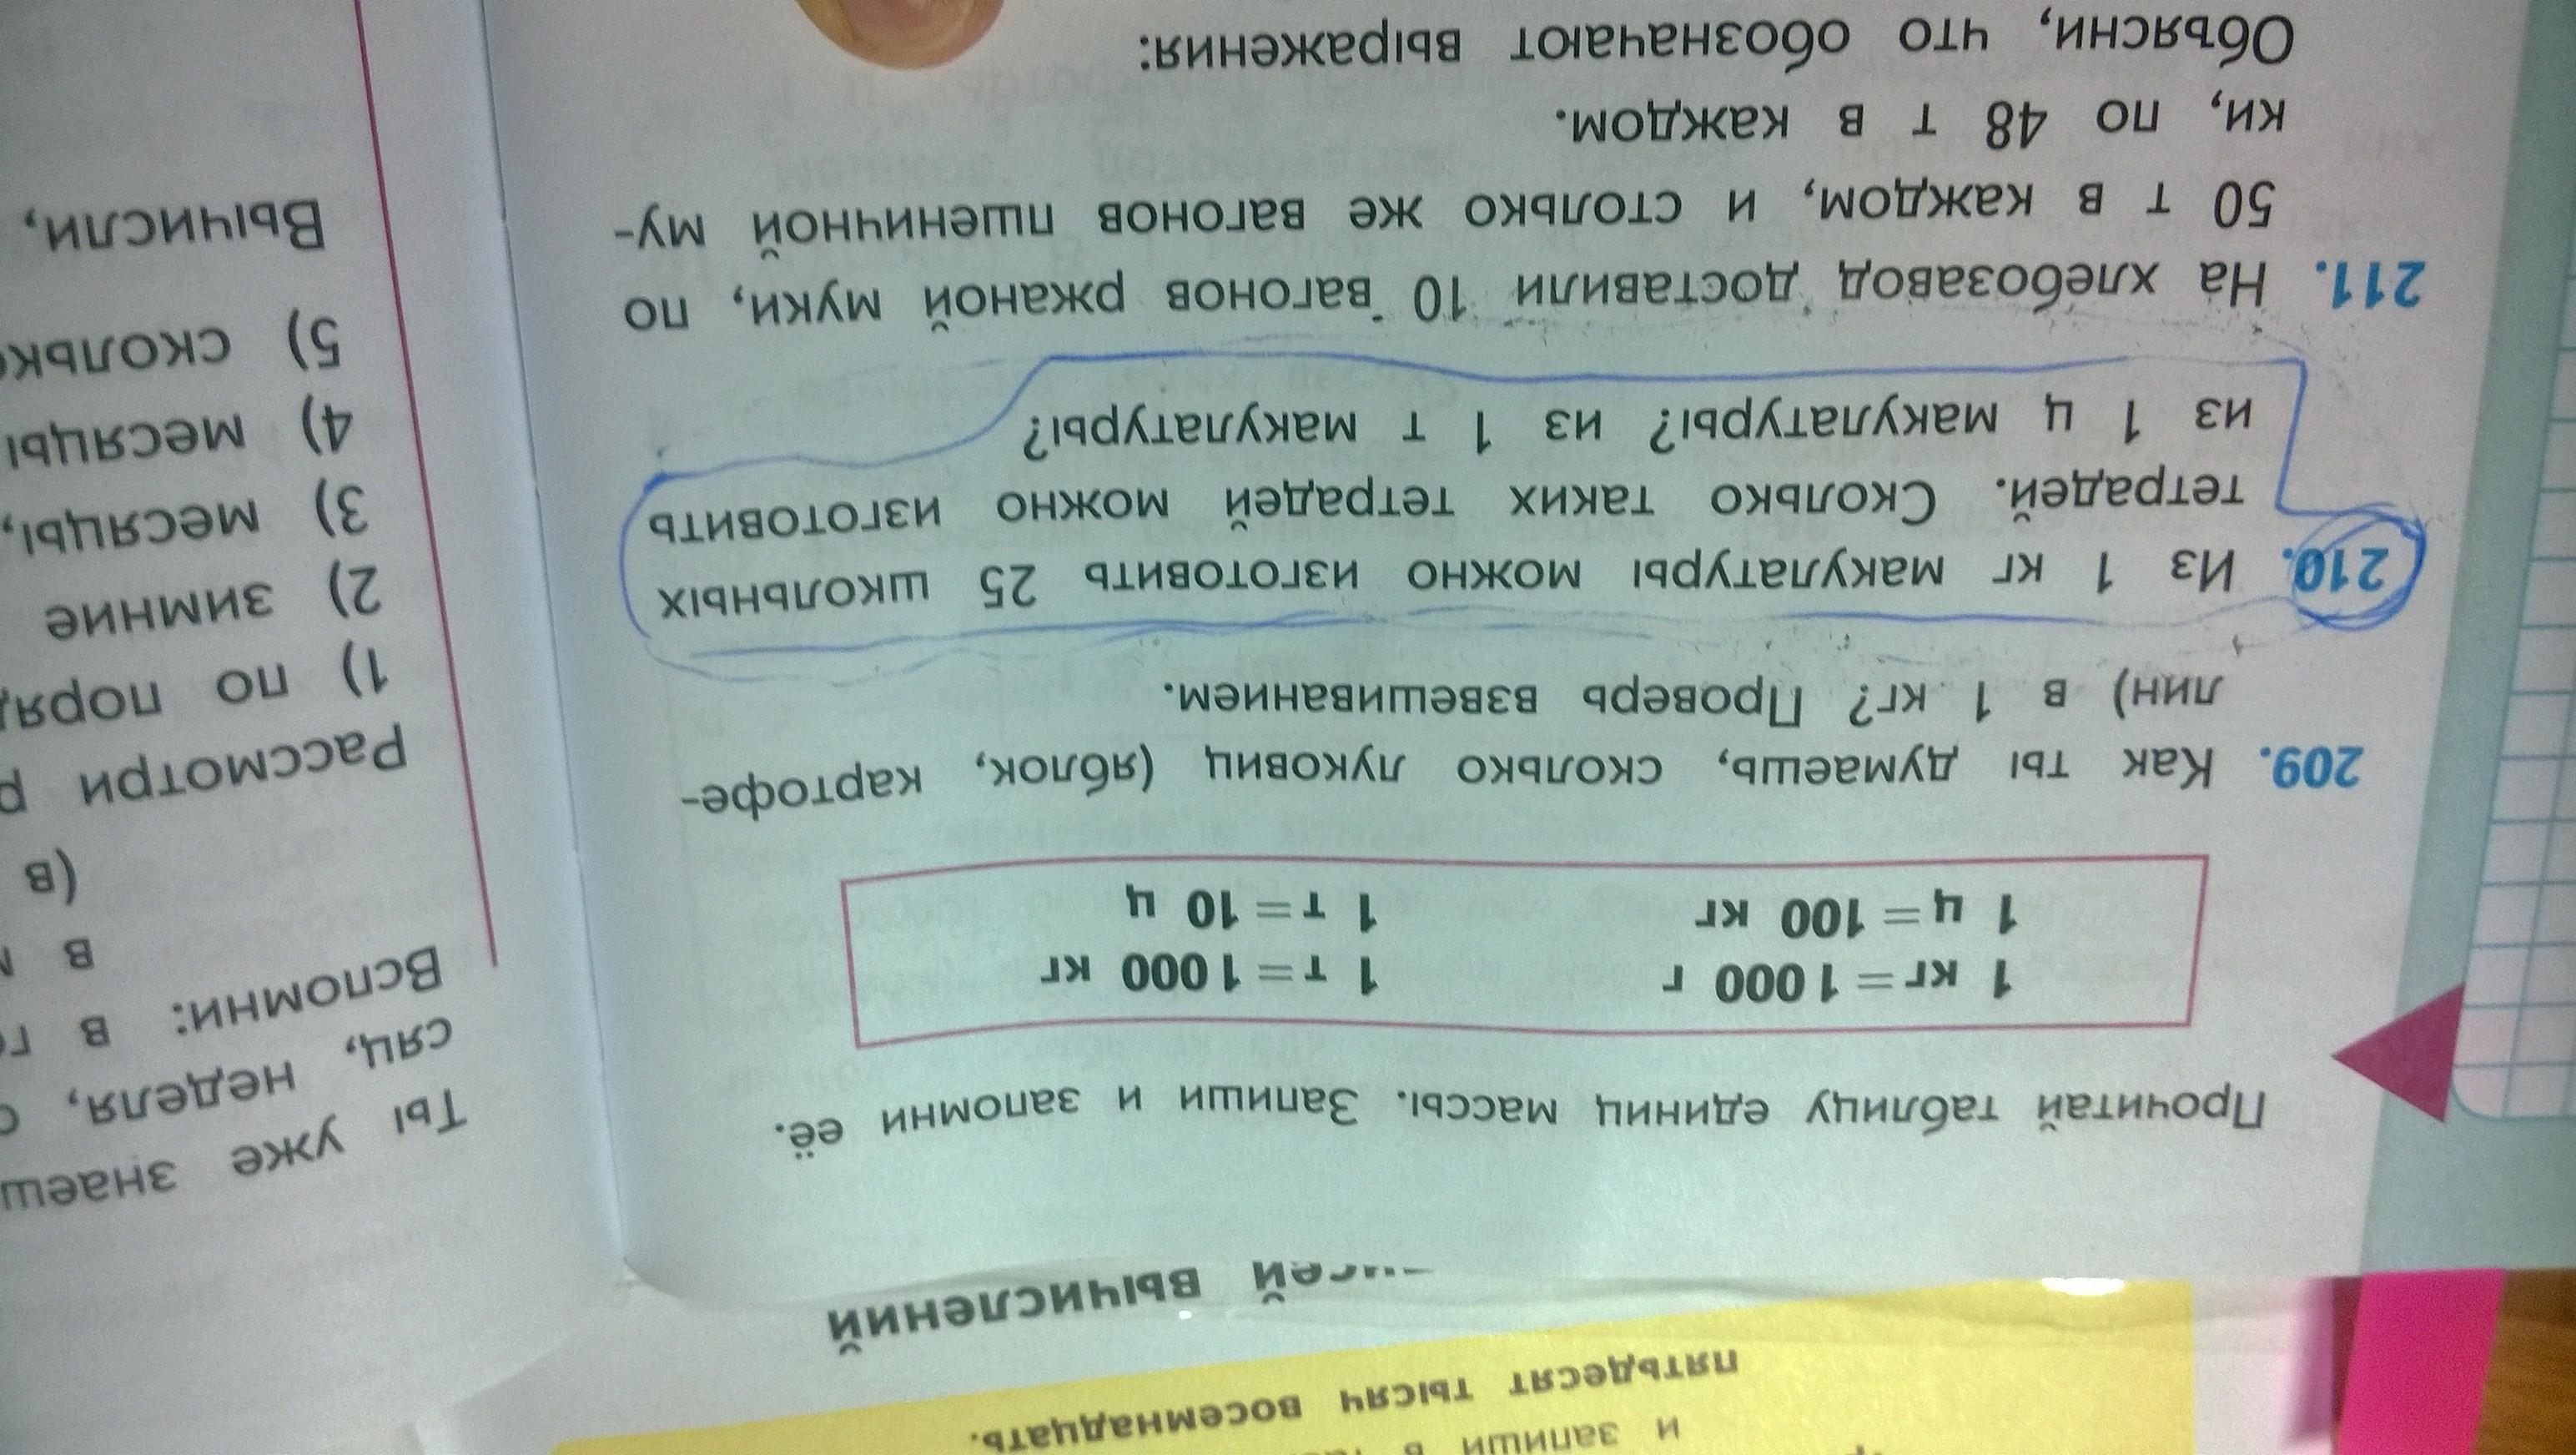 Из одного кг макулатуры можно изготовить 25 школьных тетрадей макулатура благовещенск амурская область